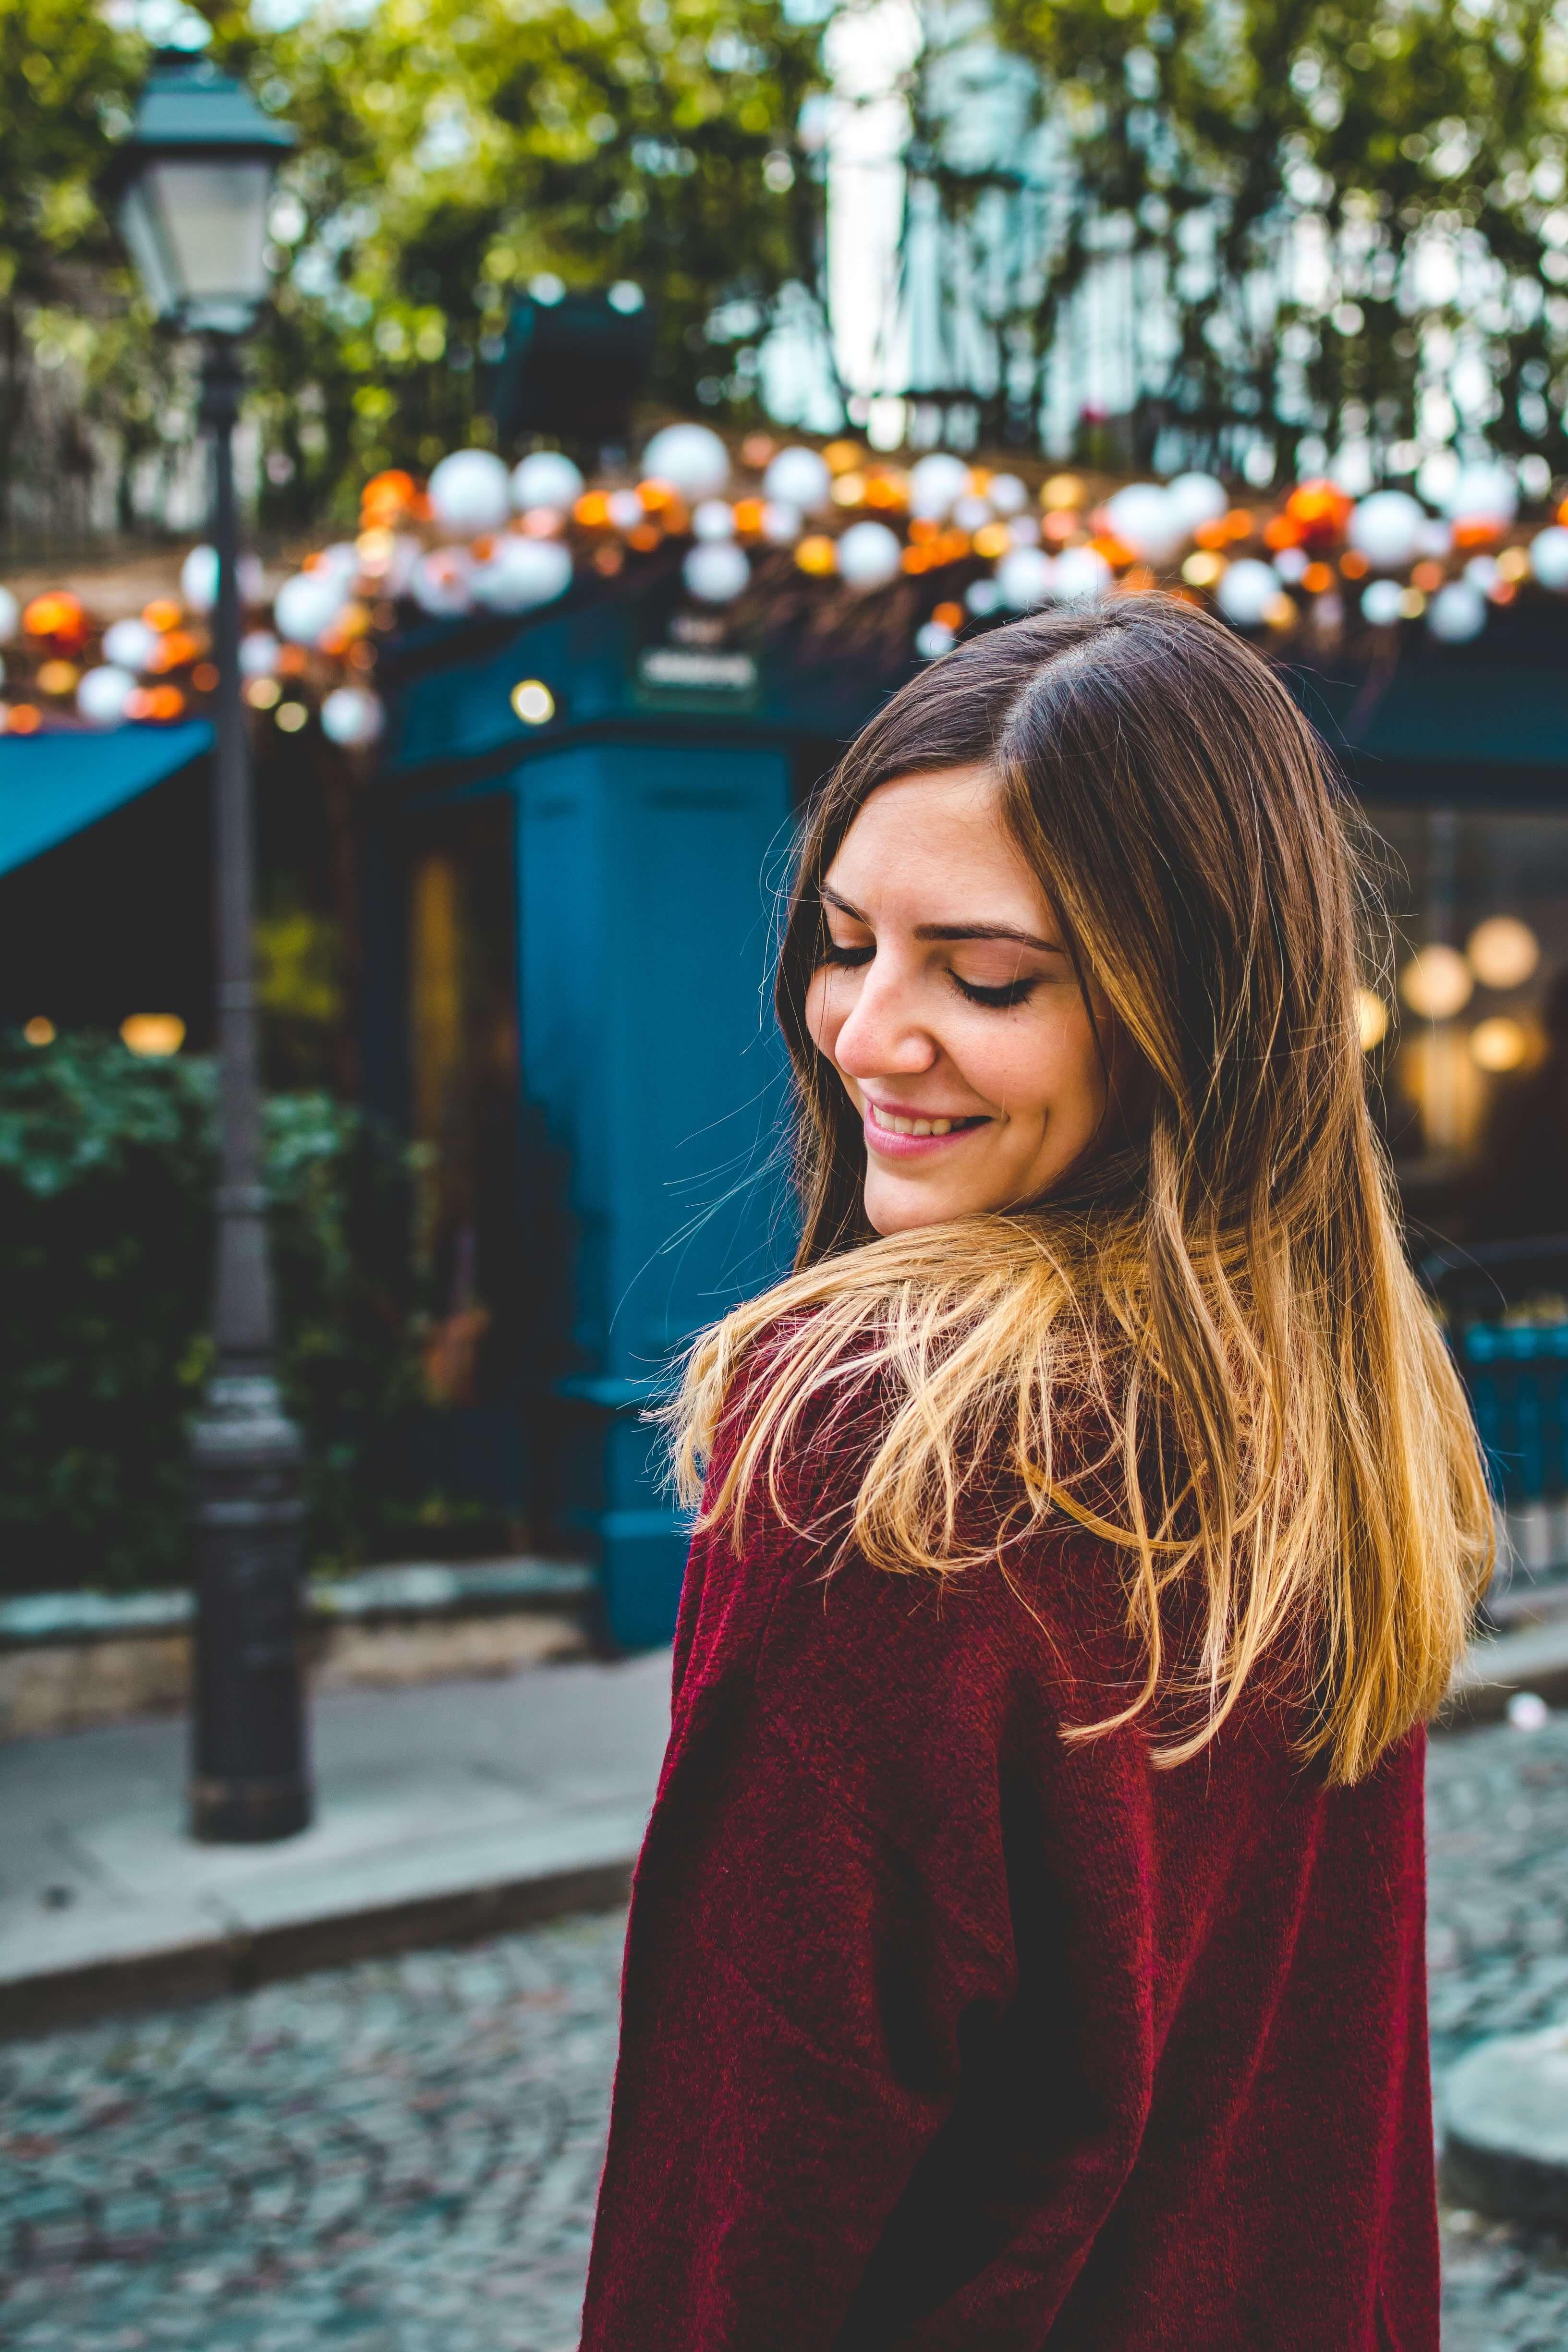 joli ombre hair blog beaute les caprices d iris